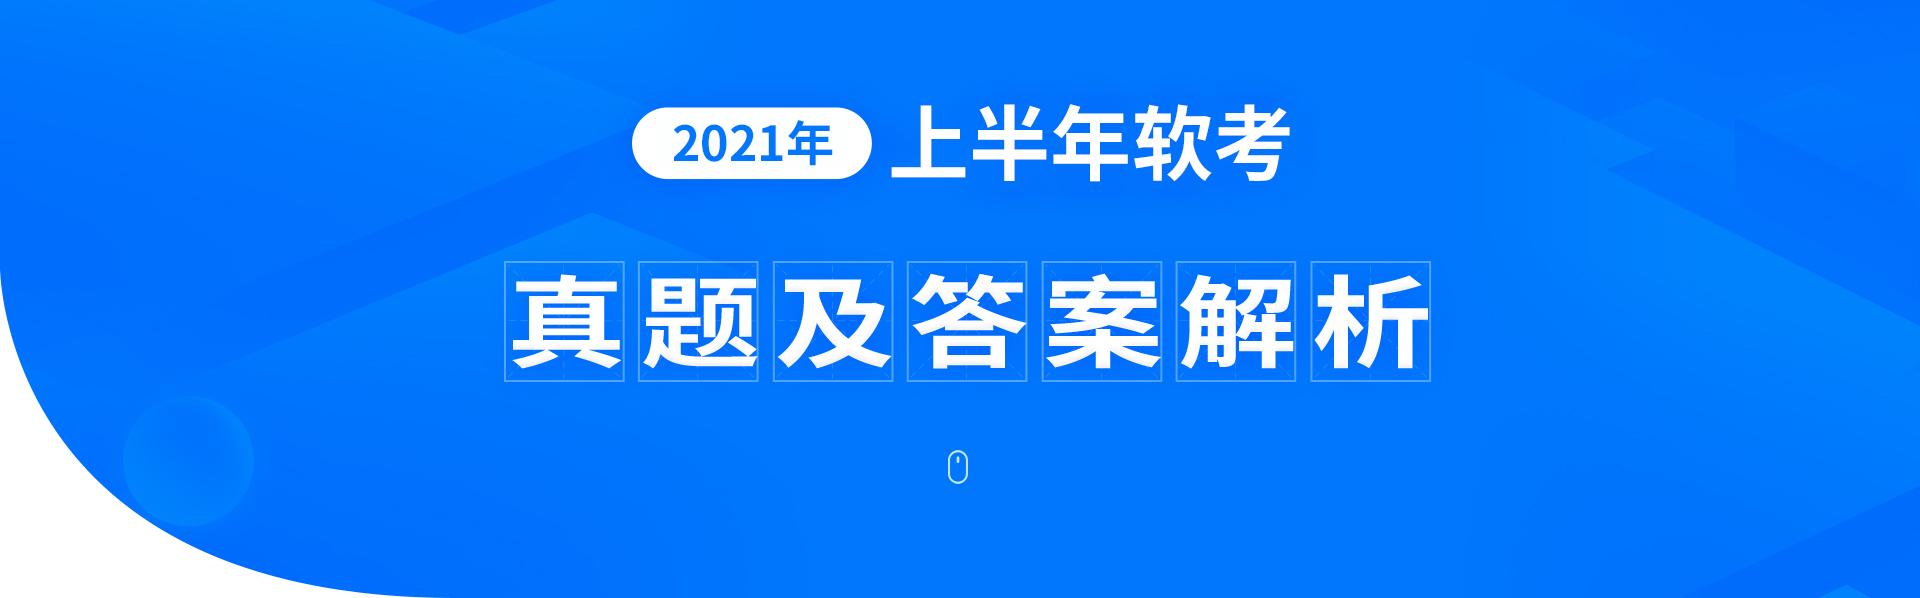 2021年上半年软考真题答案解析